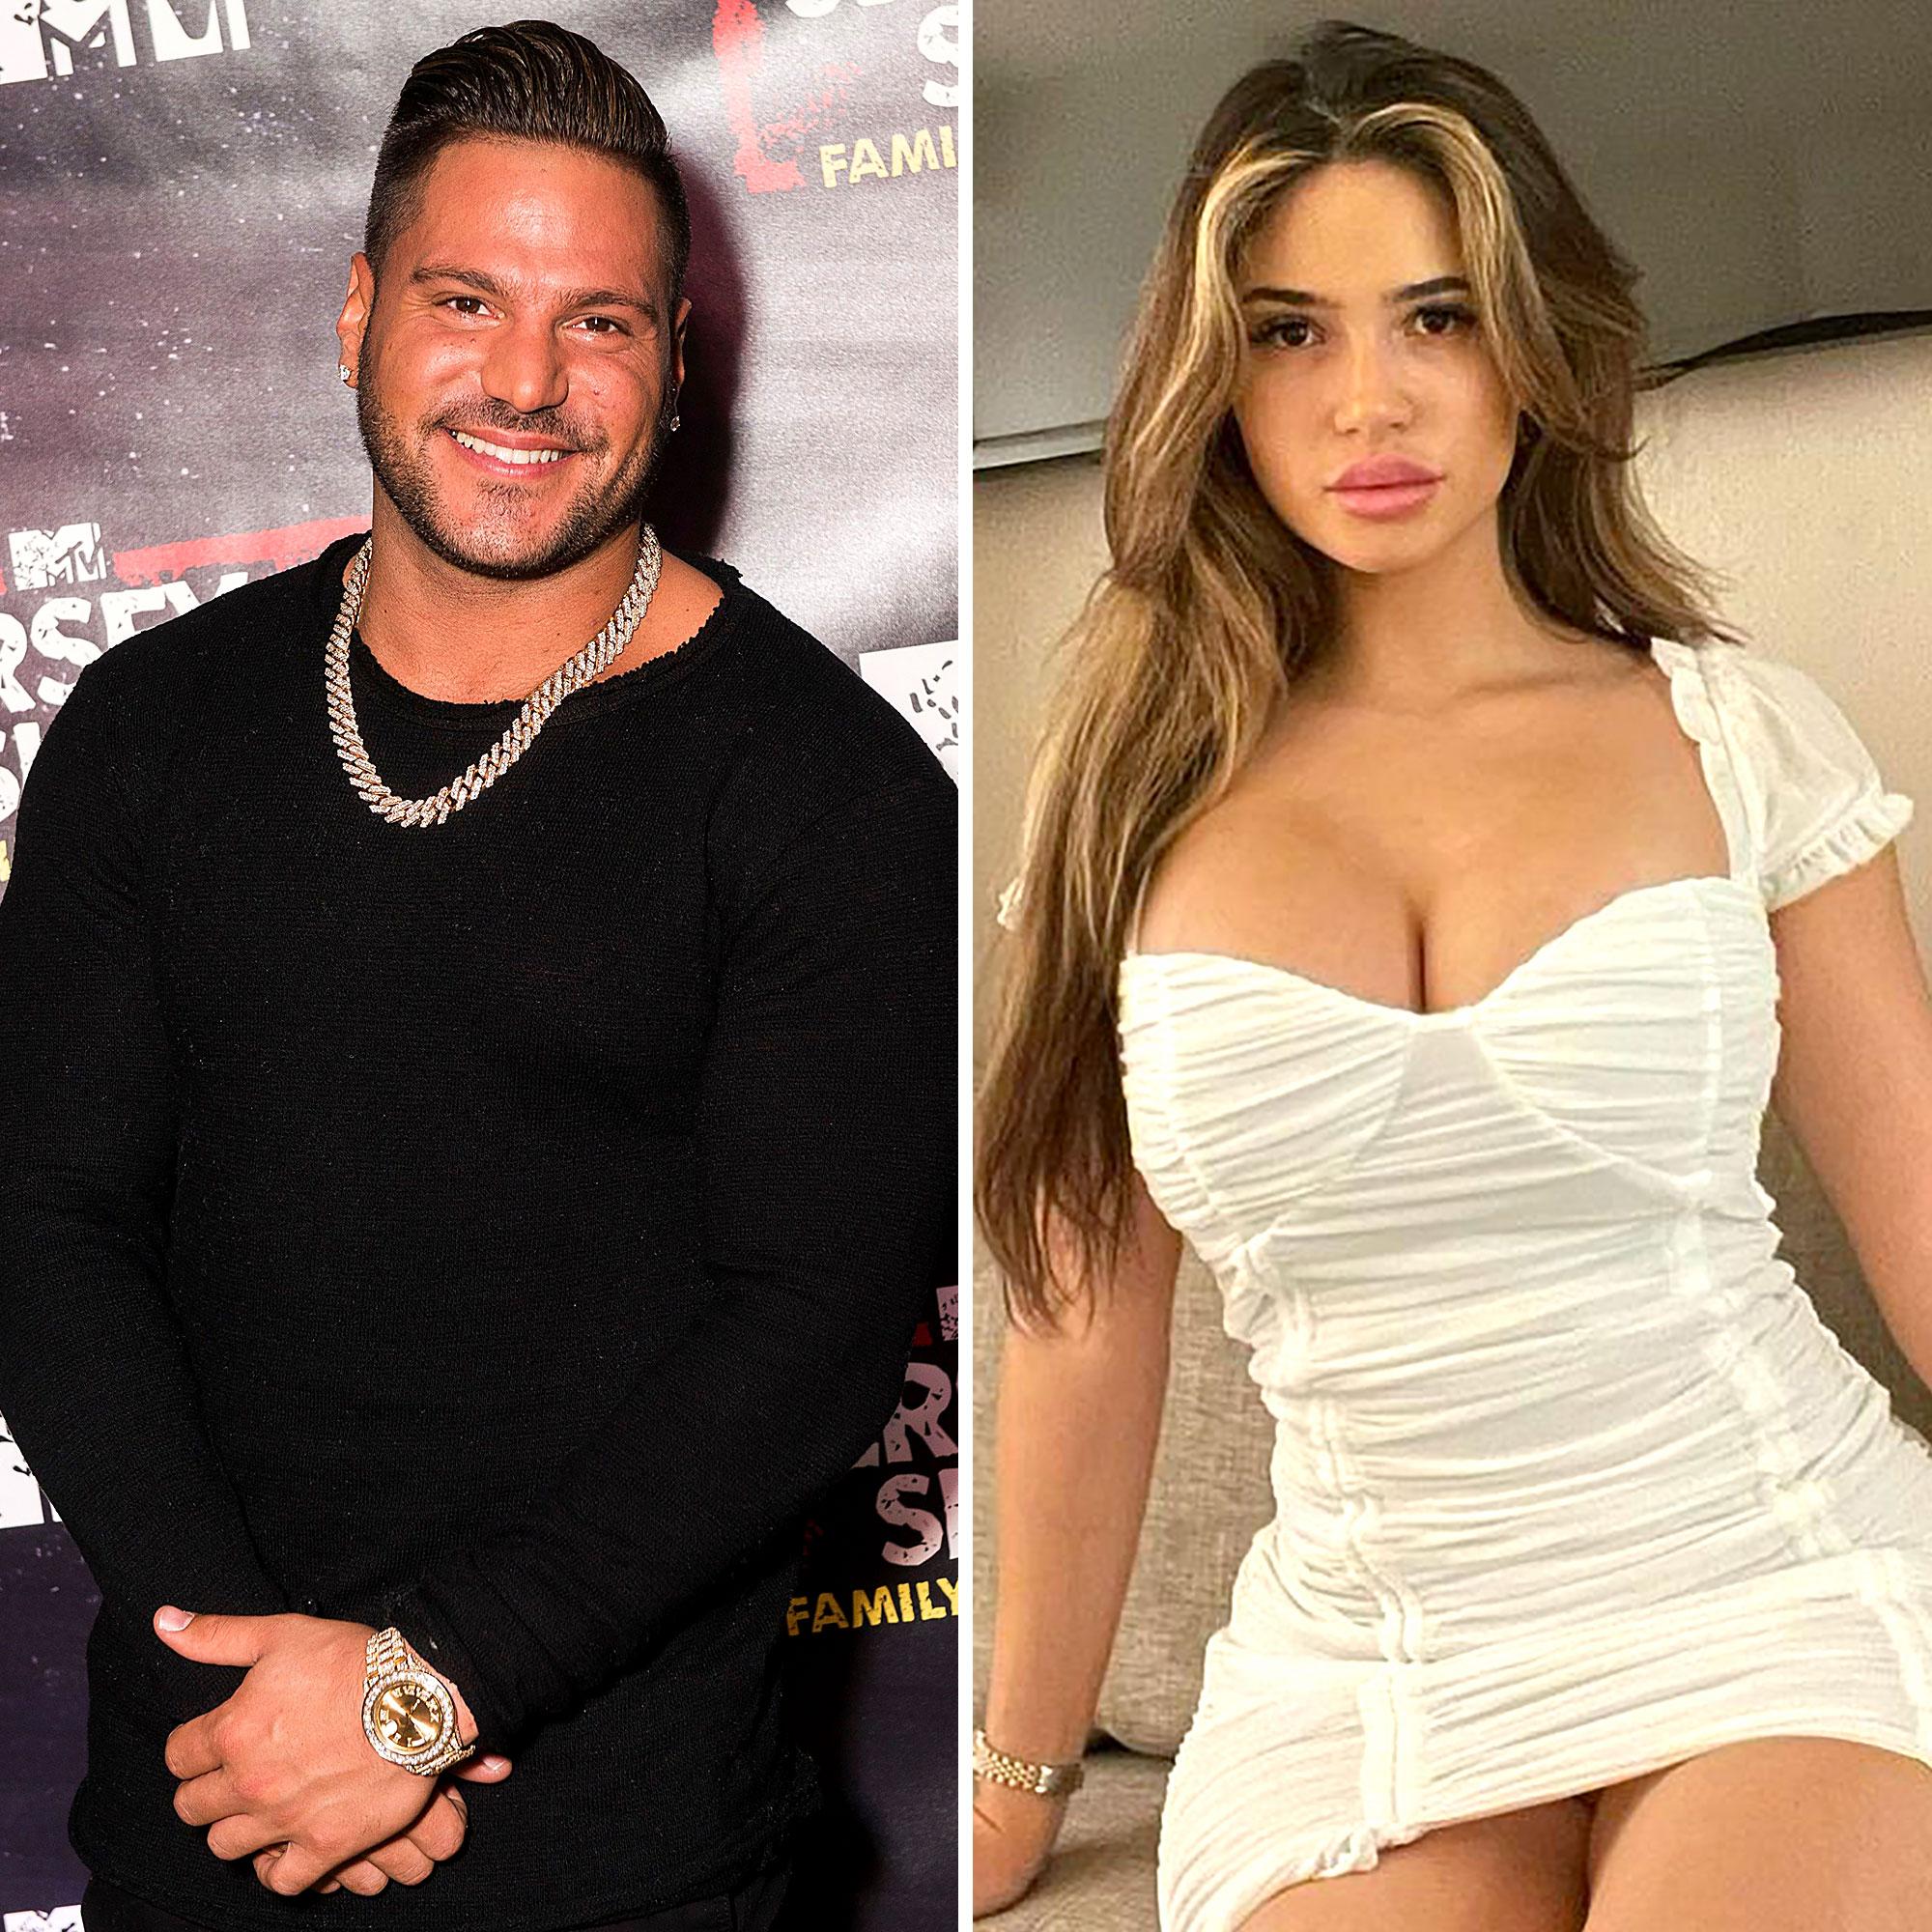 Ronnie Ortiz-Magro's Girlfriend Saffire Matos Reacts to Arrest